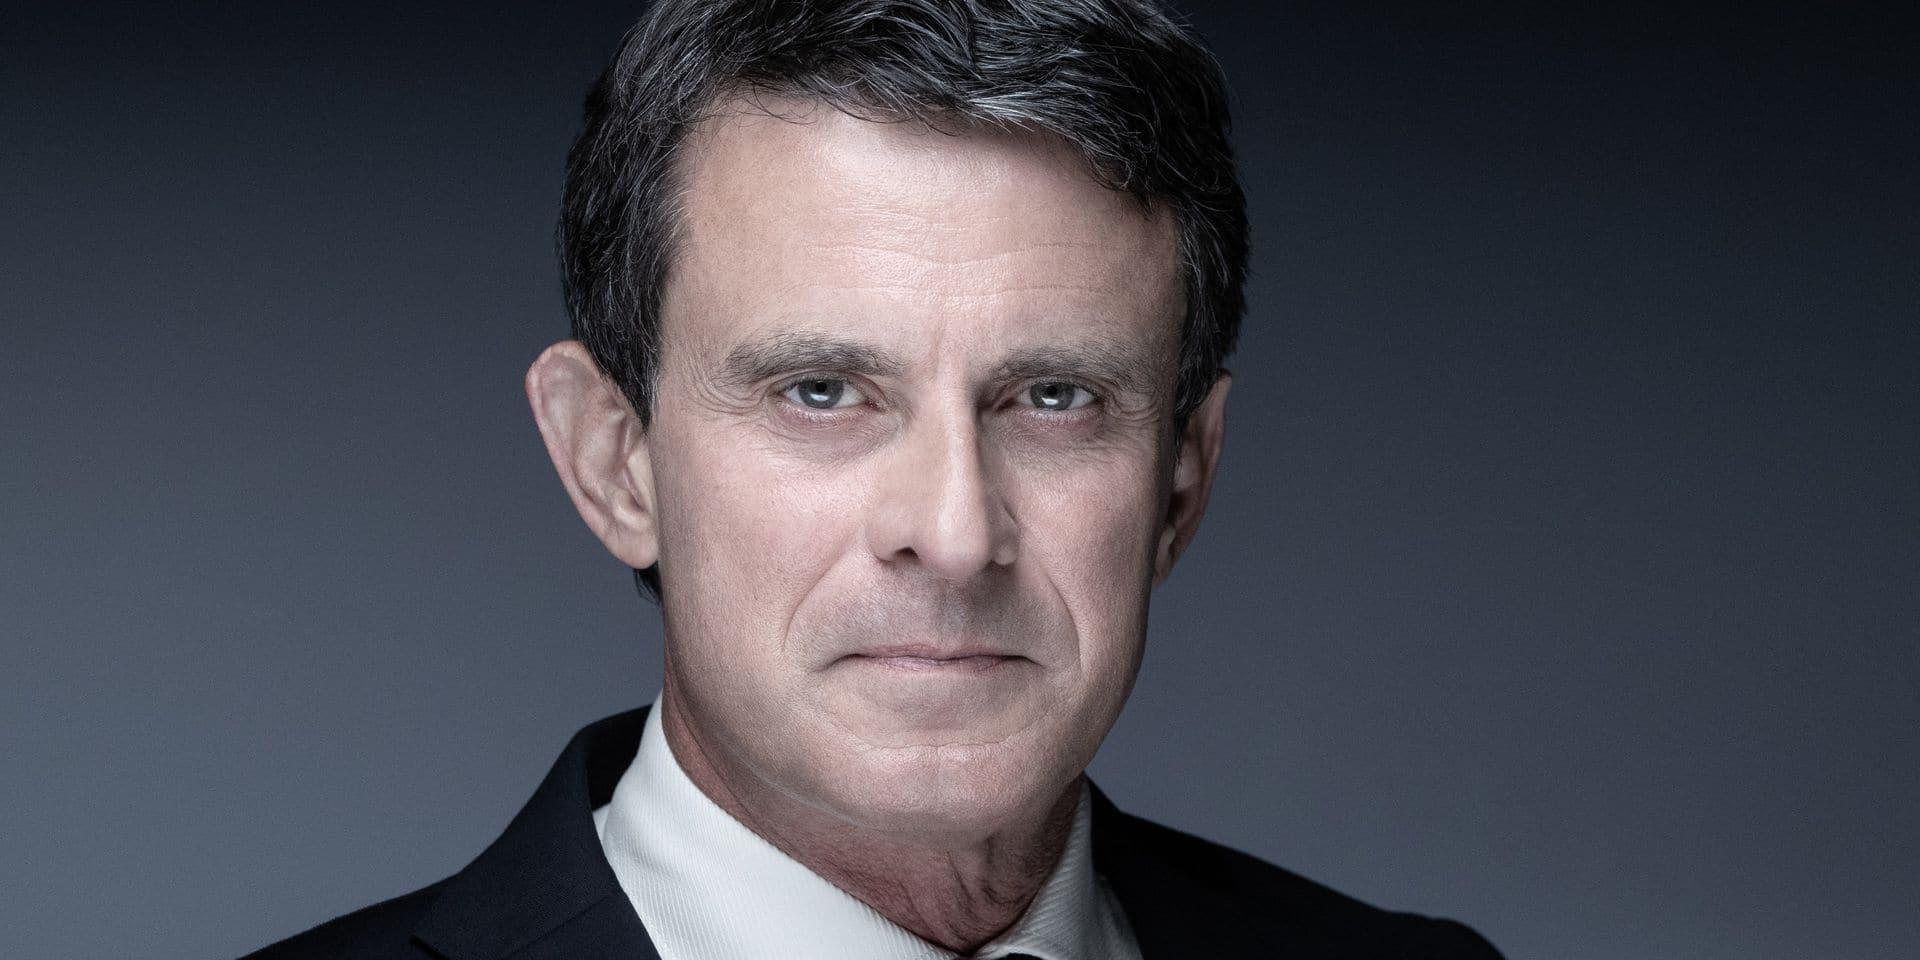 L'ancien Premier ministre français Manuel Valls va devenir chroniqueur radio et télé